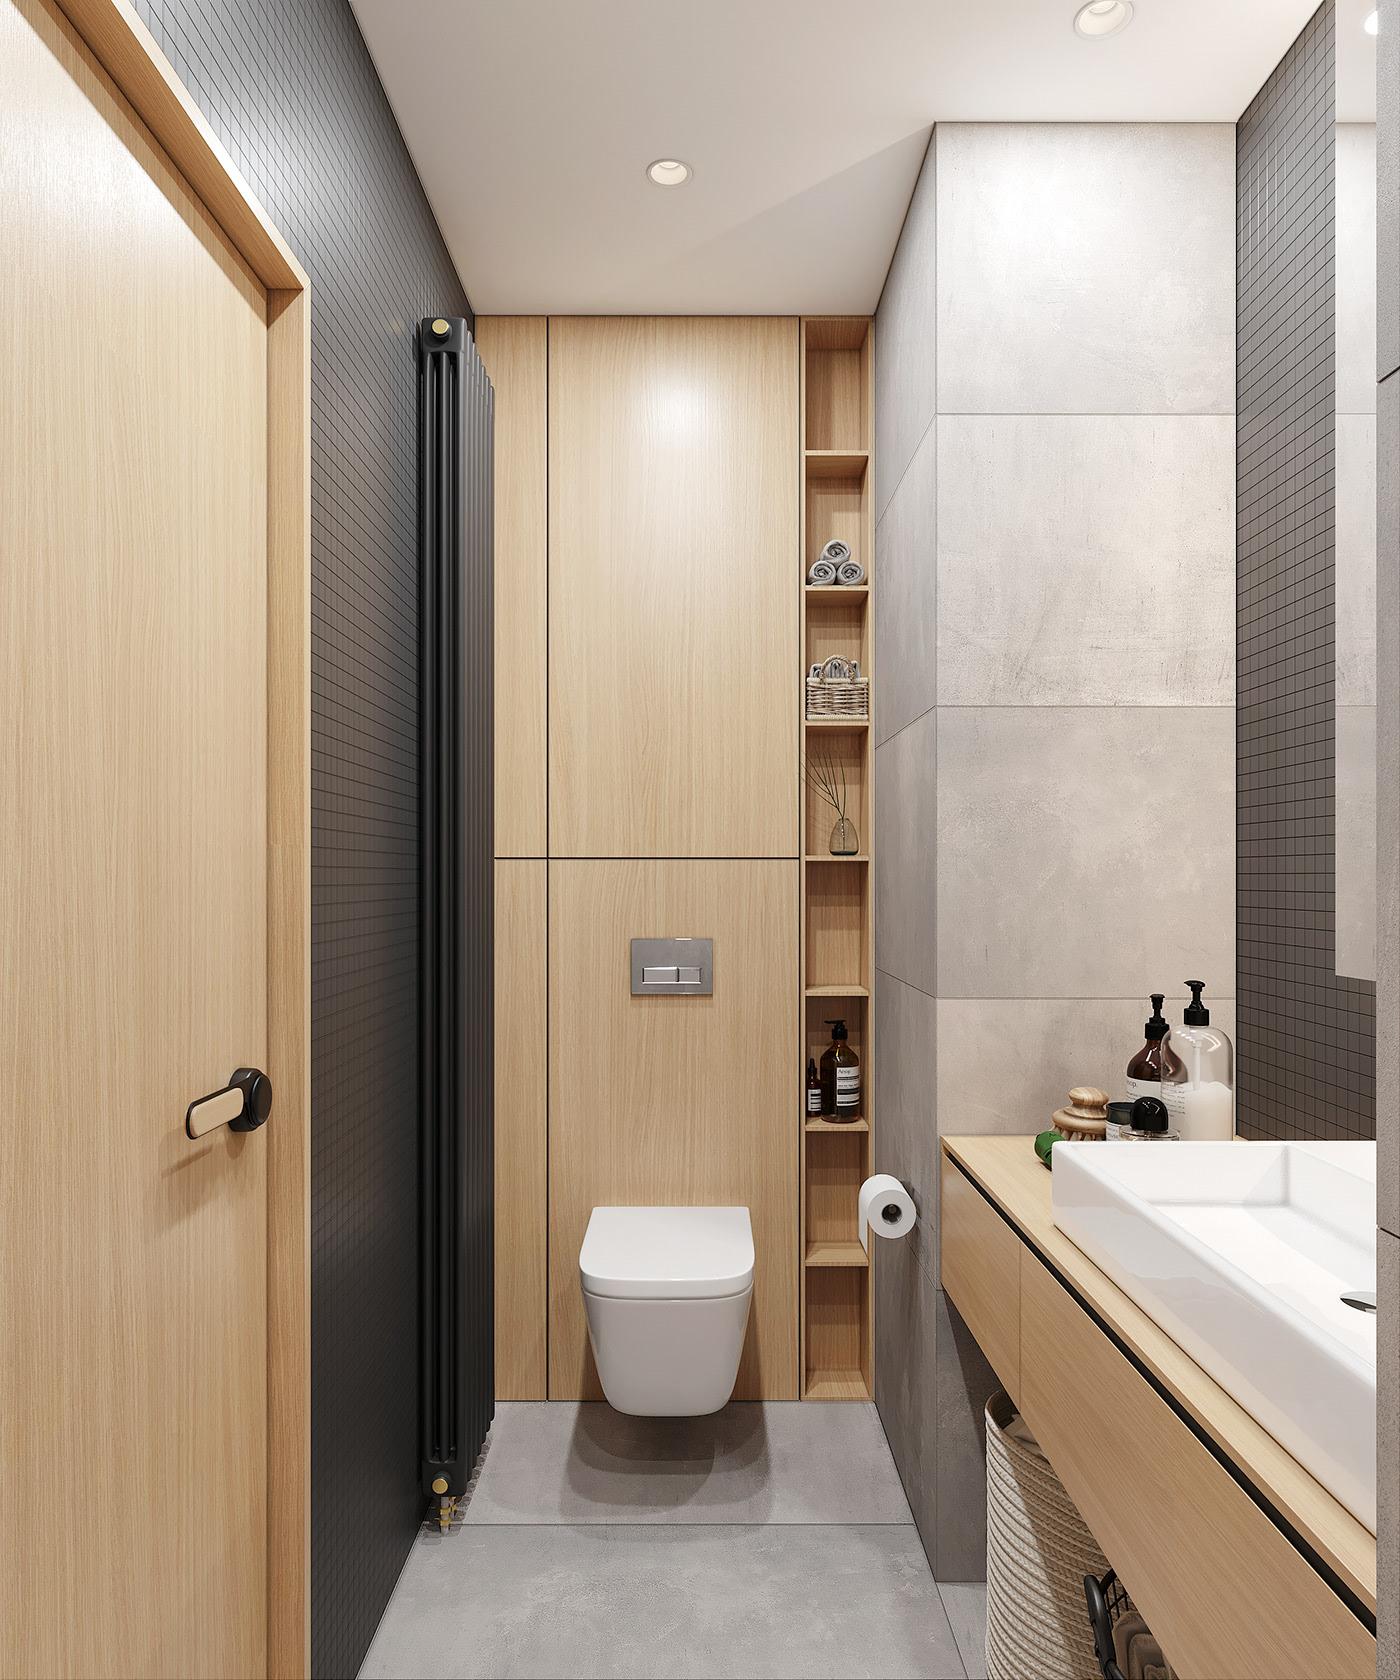 Tư vấn thiết kế căn hộ 90m² theo phong cách Scandinavian cho gia đình 3 người, chi phí 200 triệu - Ảnh 12.